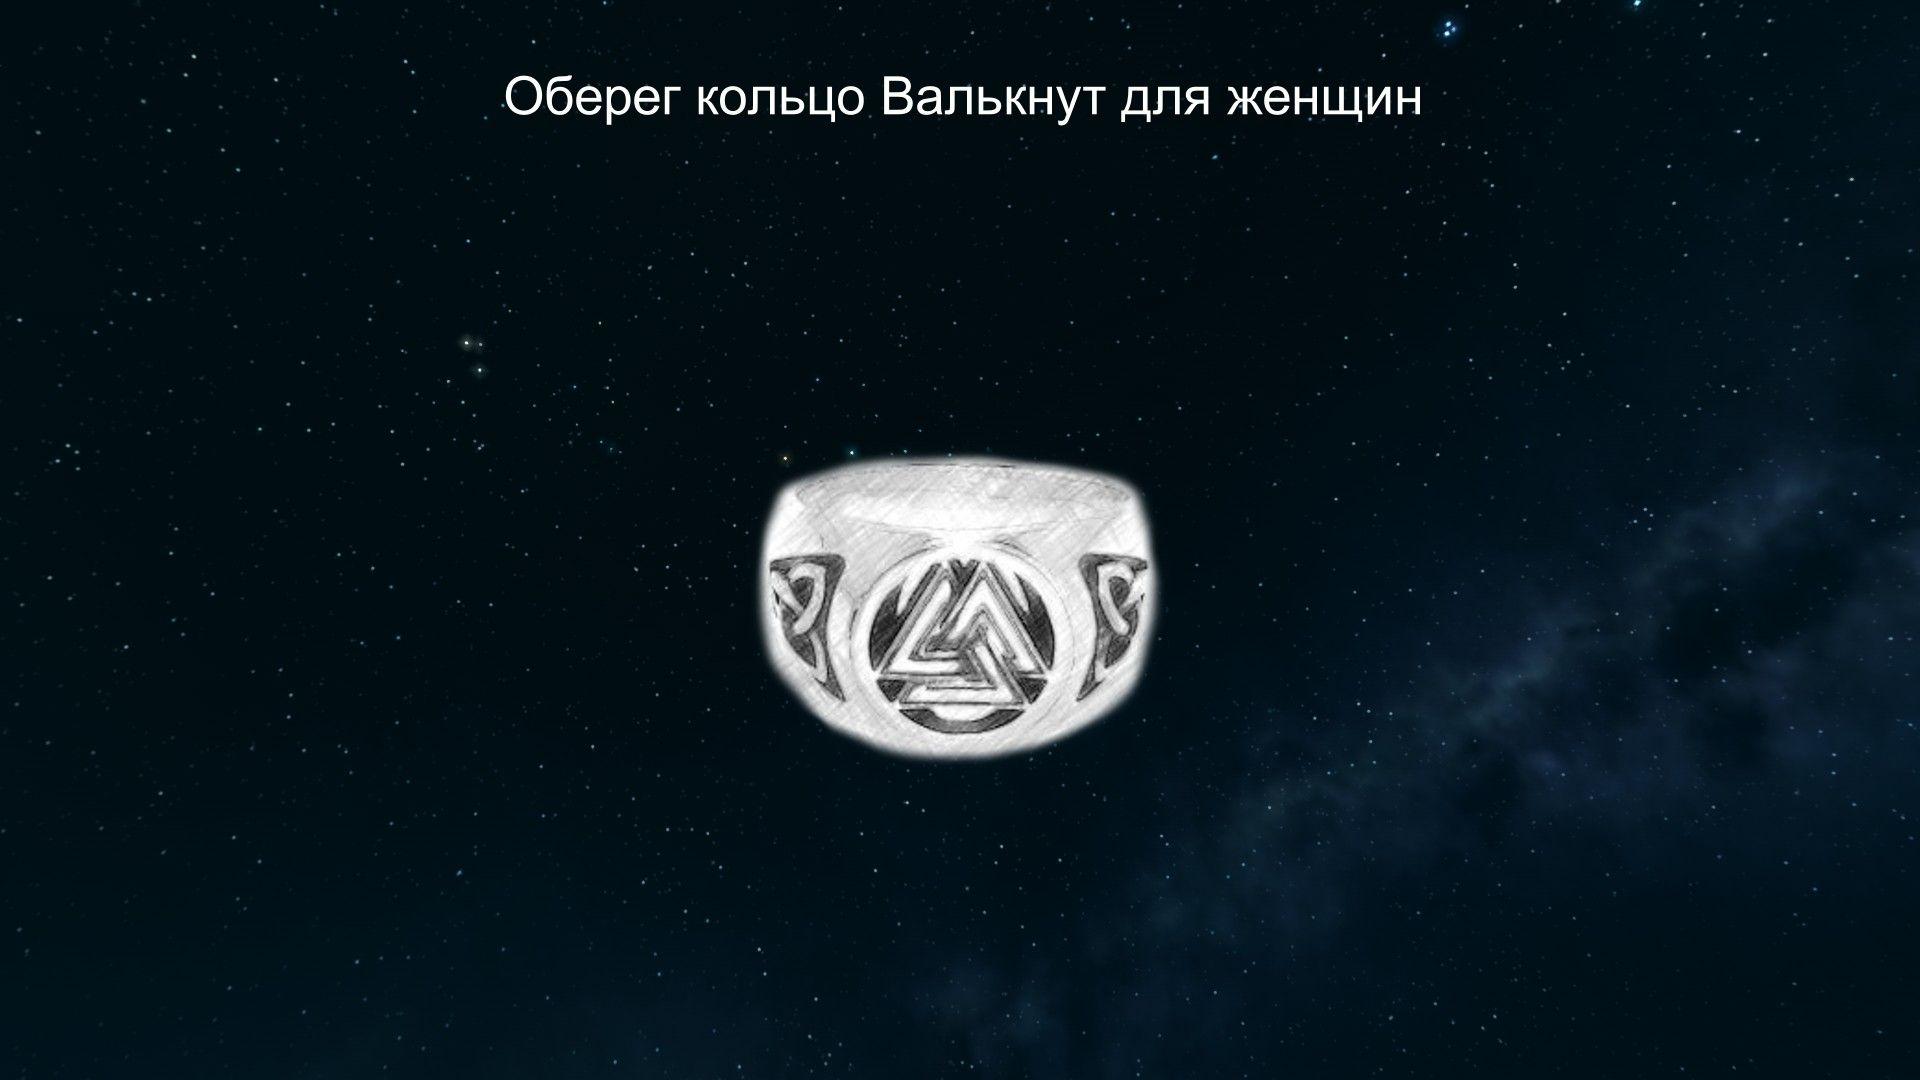 Оберег кольцо для женщин